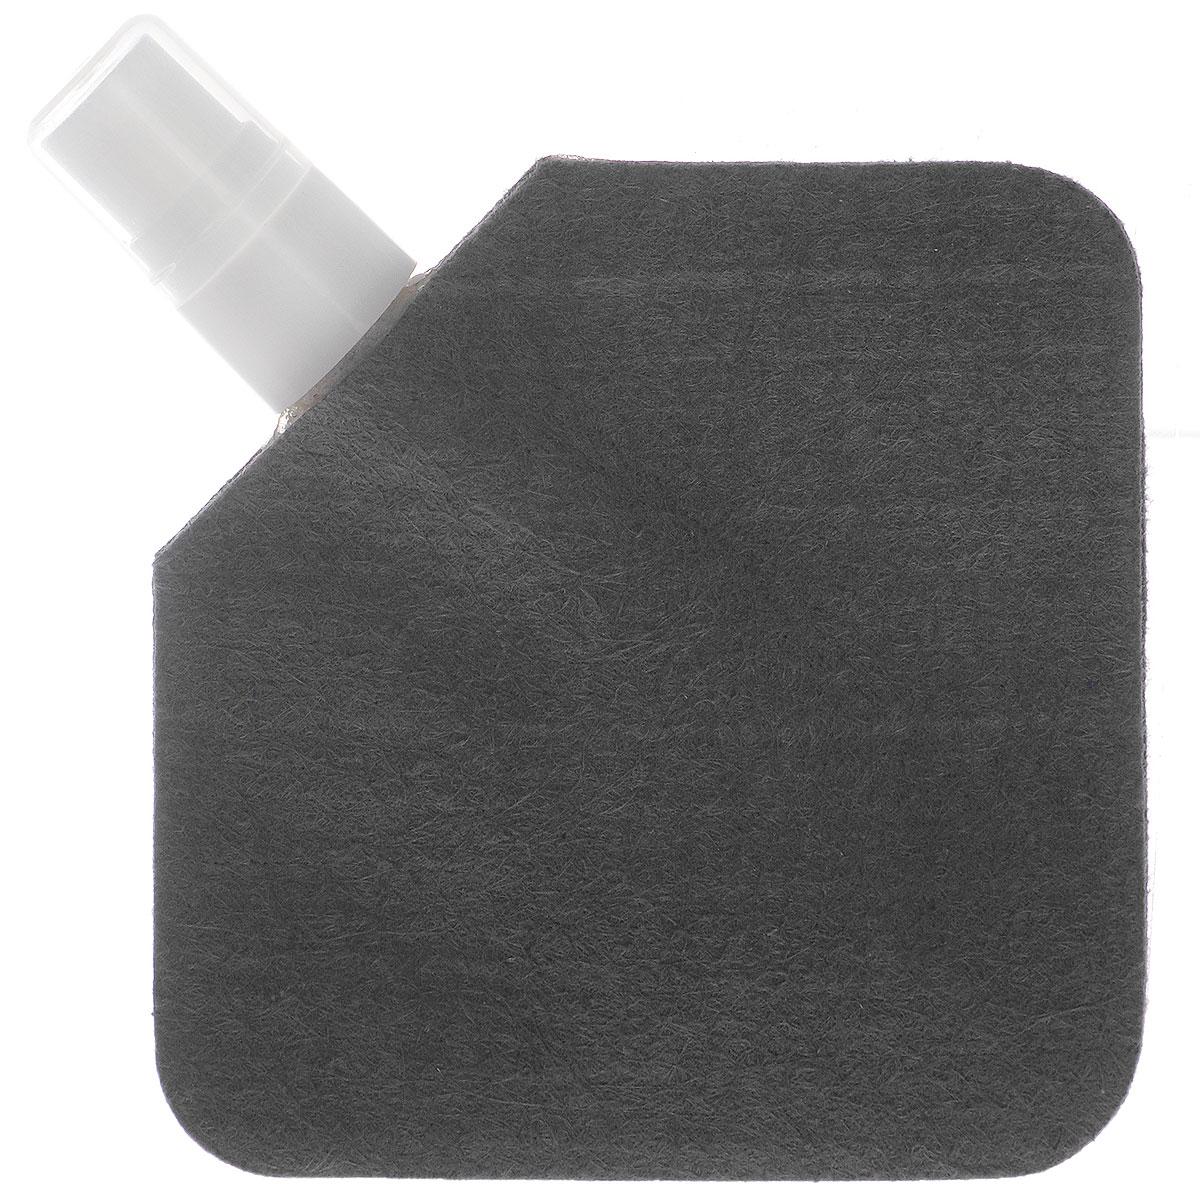 Мoderna 20475 чистящее средство-салфетка набор для смартфонов и планшетов top house очиститель салфетка 40 мл